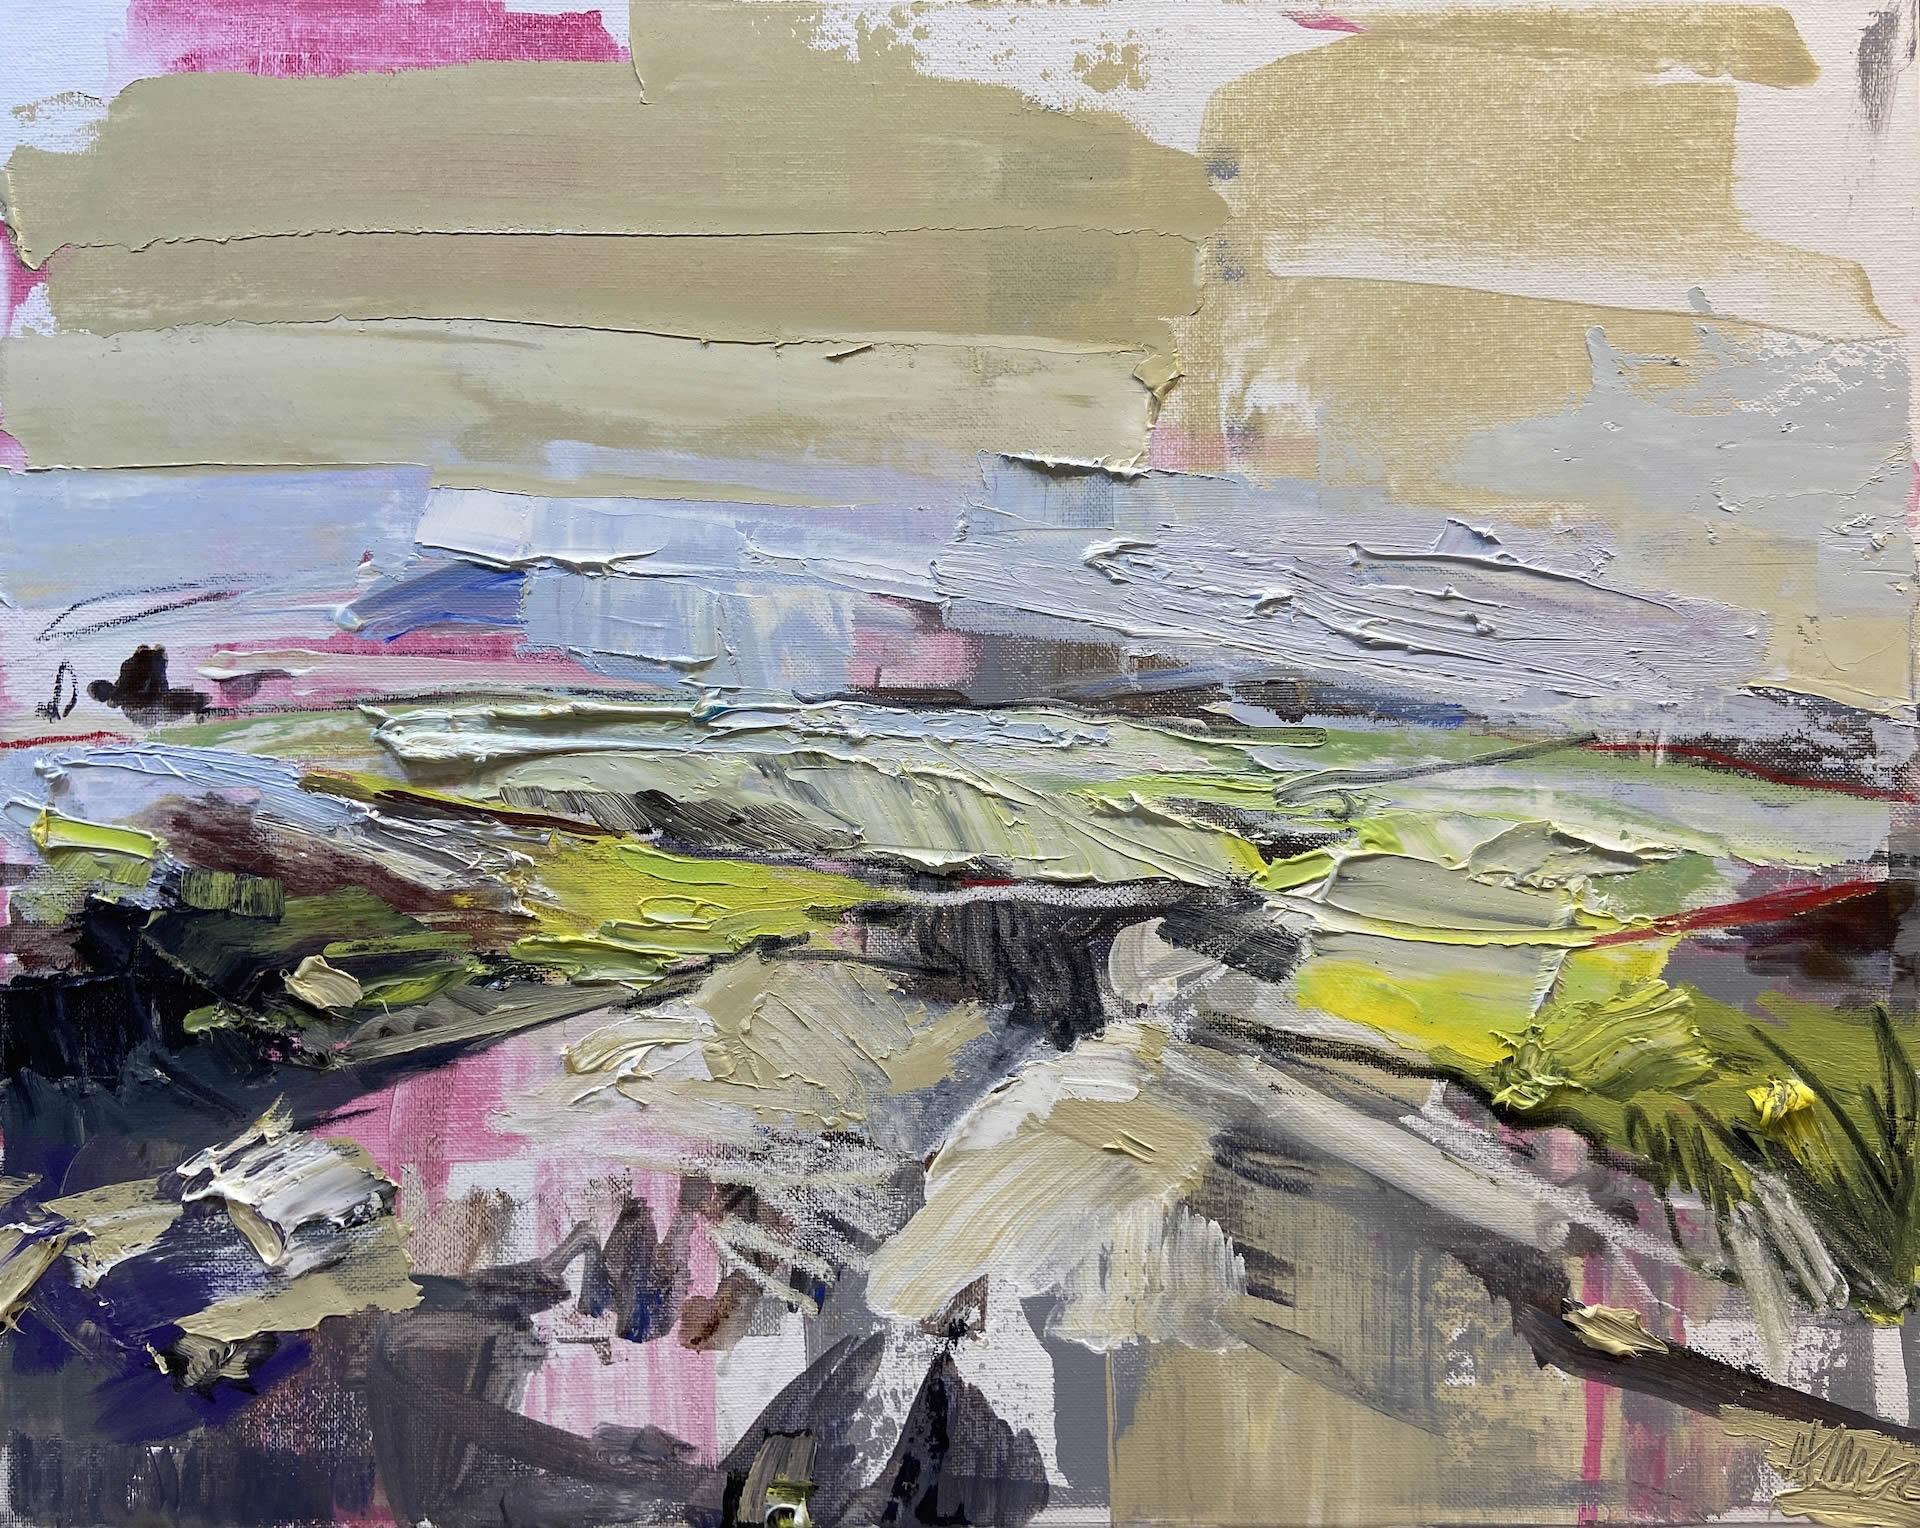 Julie-Himel-Rugged-Memory-Distant-Land-2020-Oil-on-canvas-16x20-Framed-1400-Online-Art-Galleries